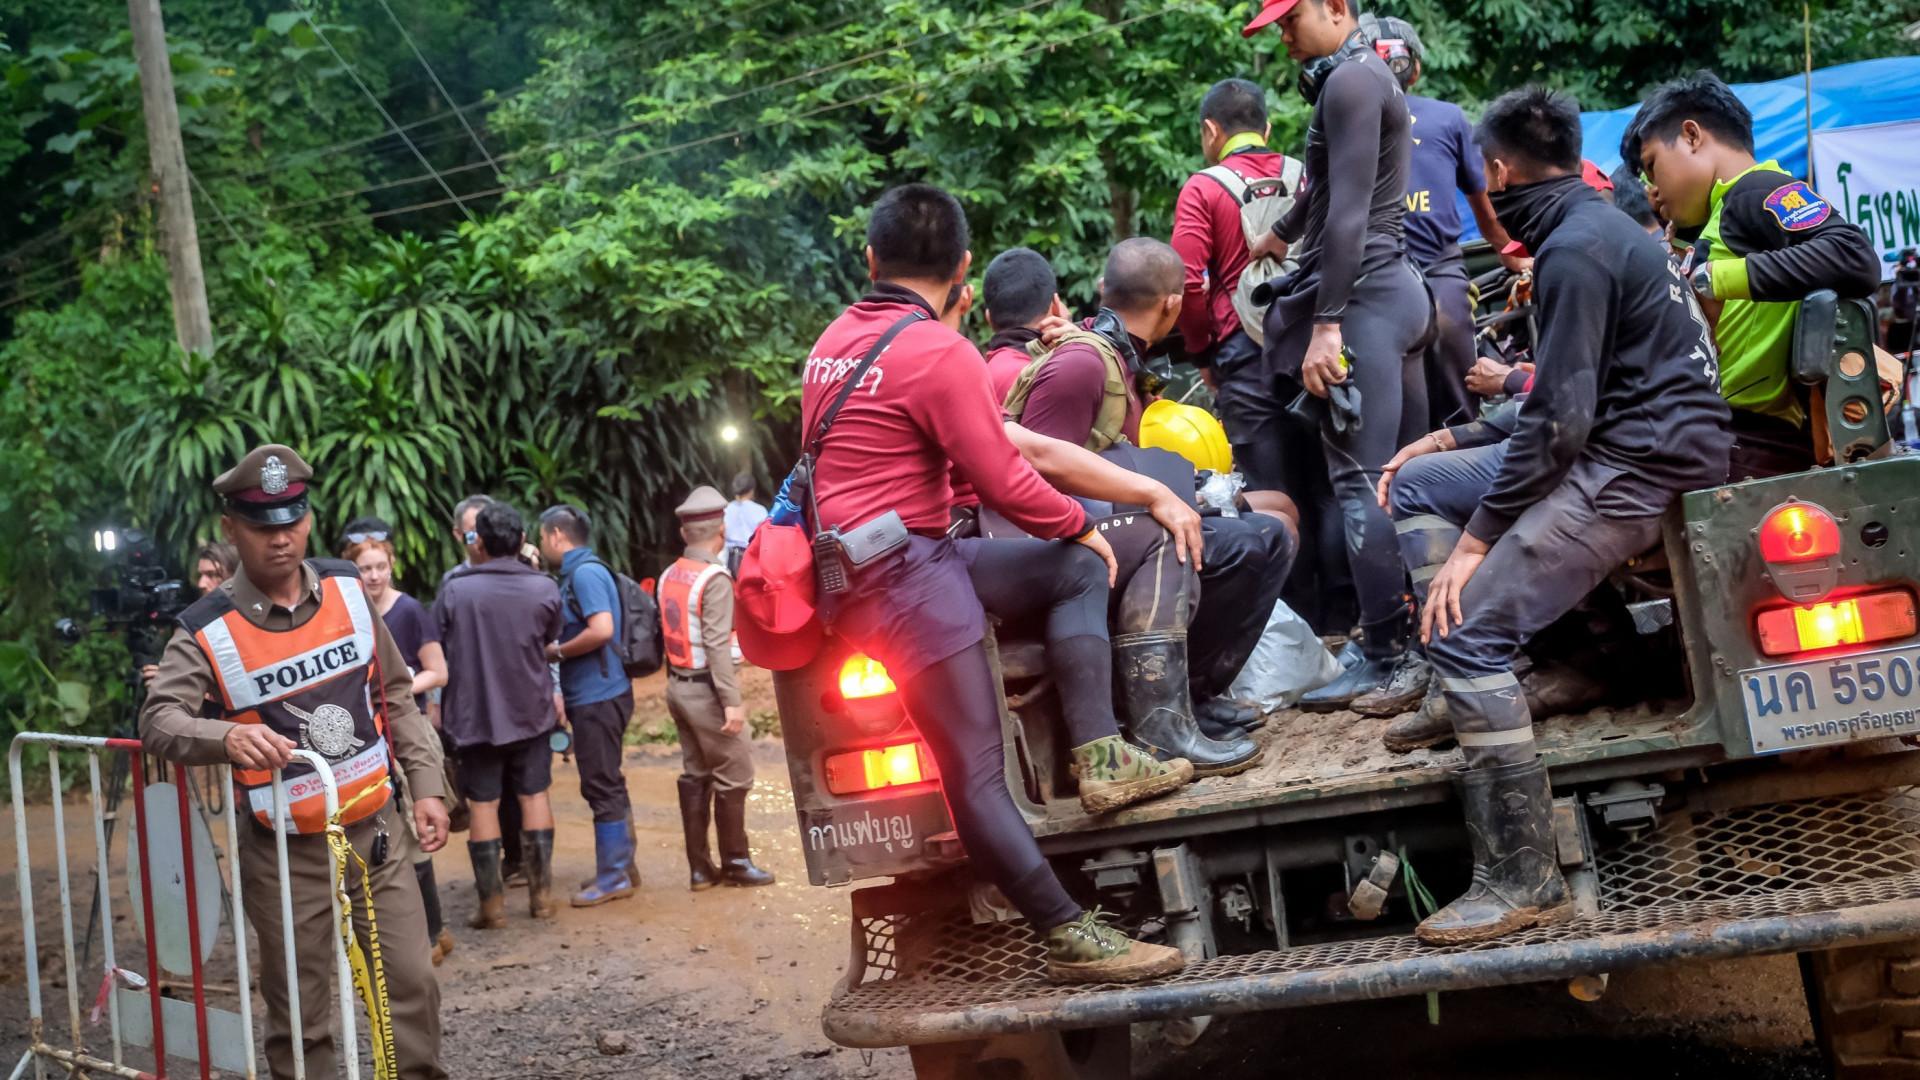 Resgate de equipe presa em caverna pode acontecer 'hoje ou amanhã'